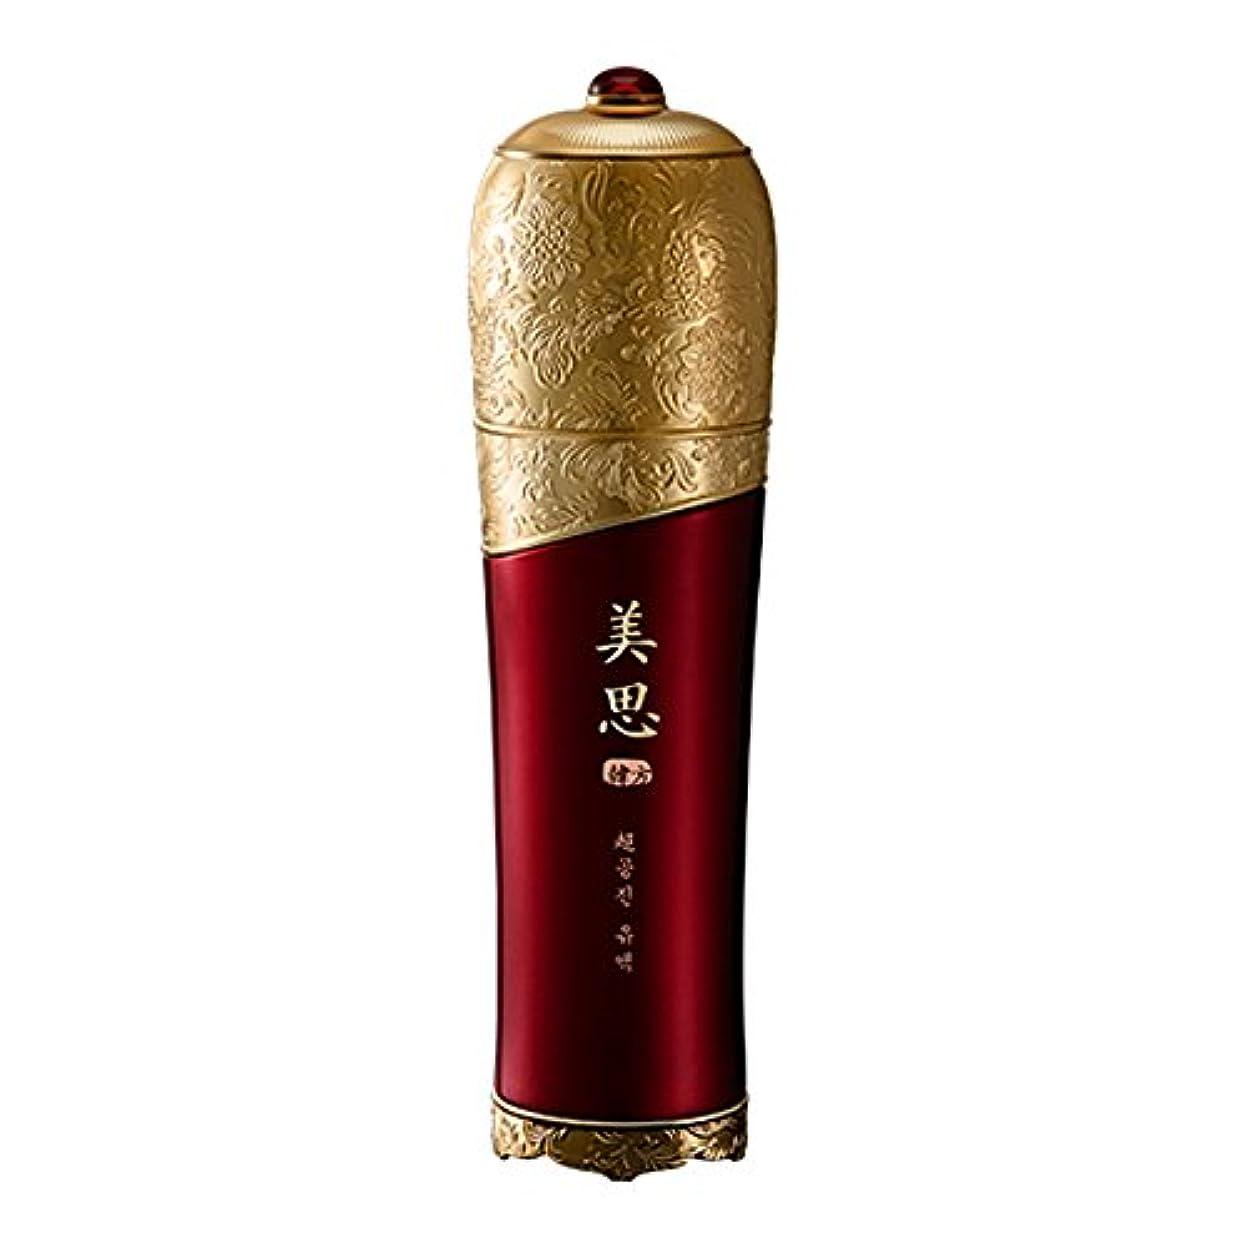 満足できる定義する成長MISSHA(ミシャ)美思 韓方 旧チョボヤン (超)チョゴンジン 乳液 基礎化粧品 スキンケア